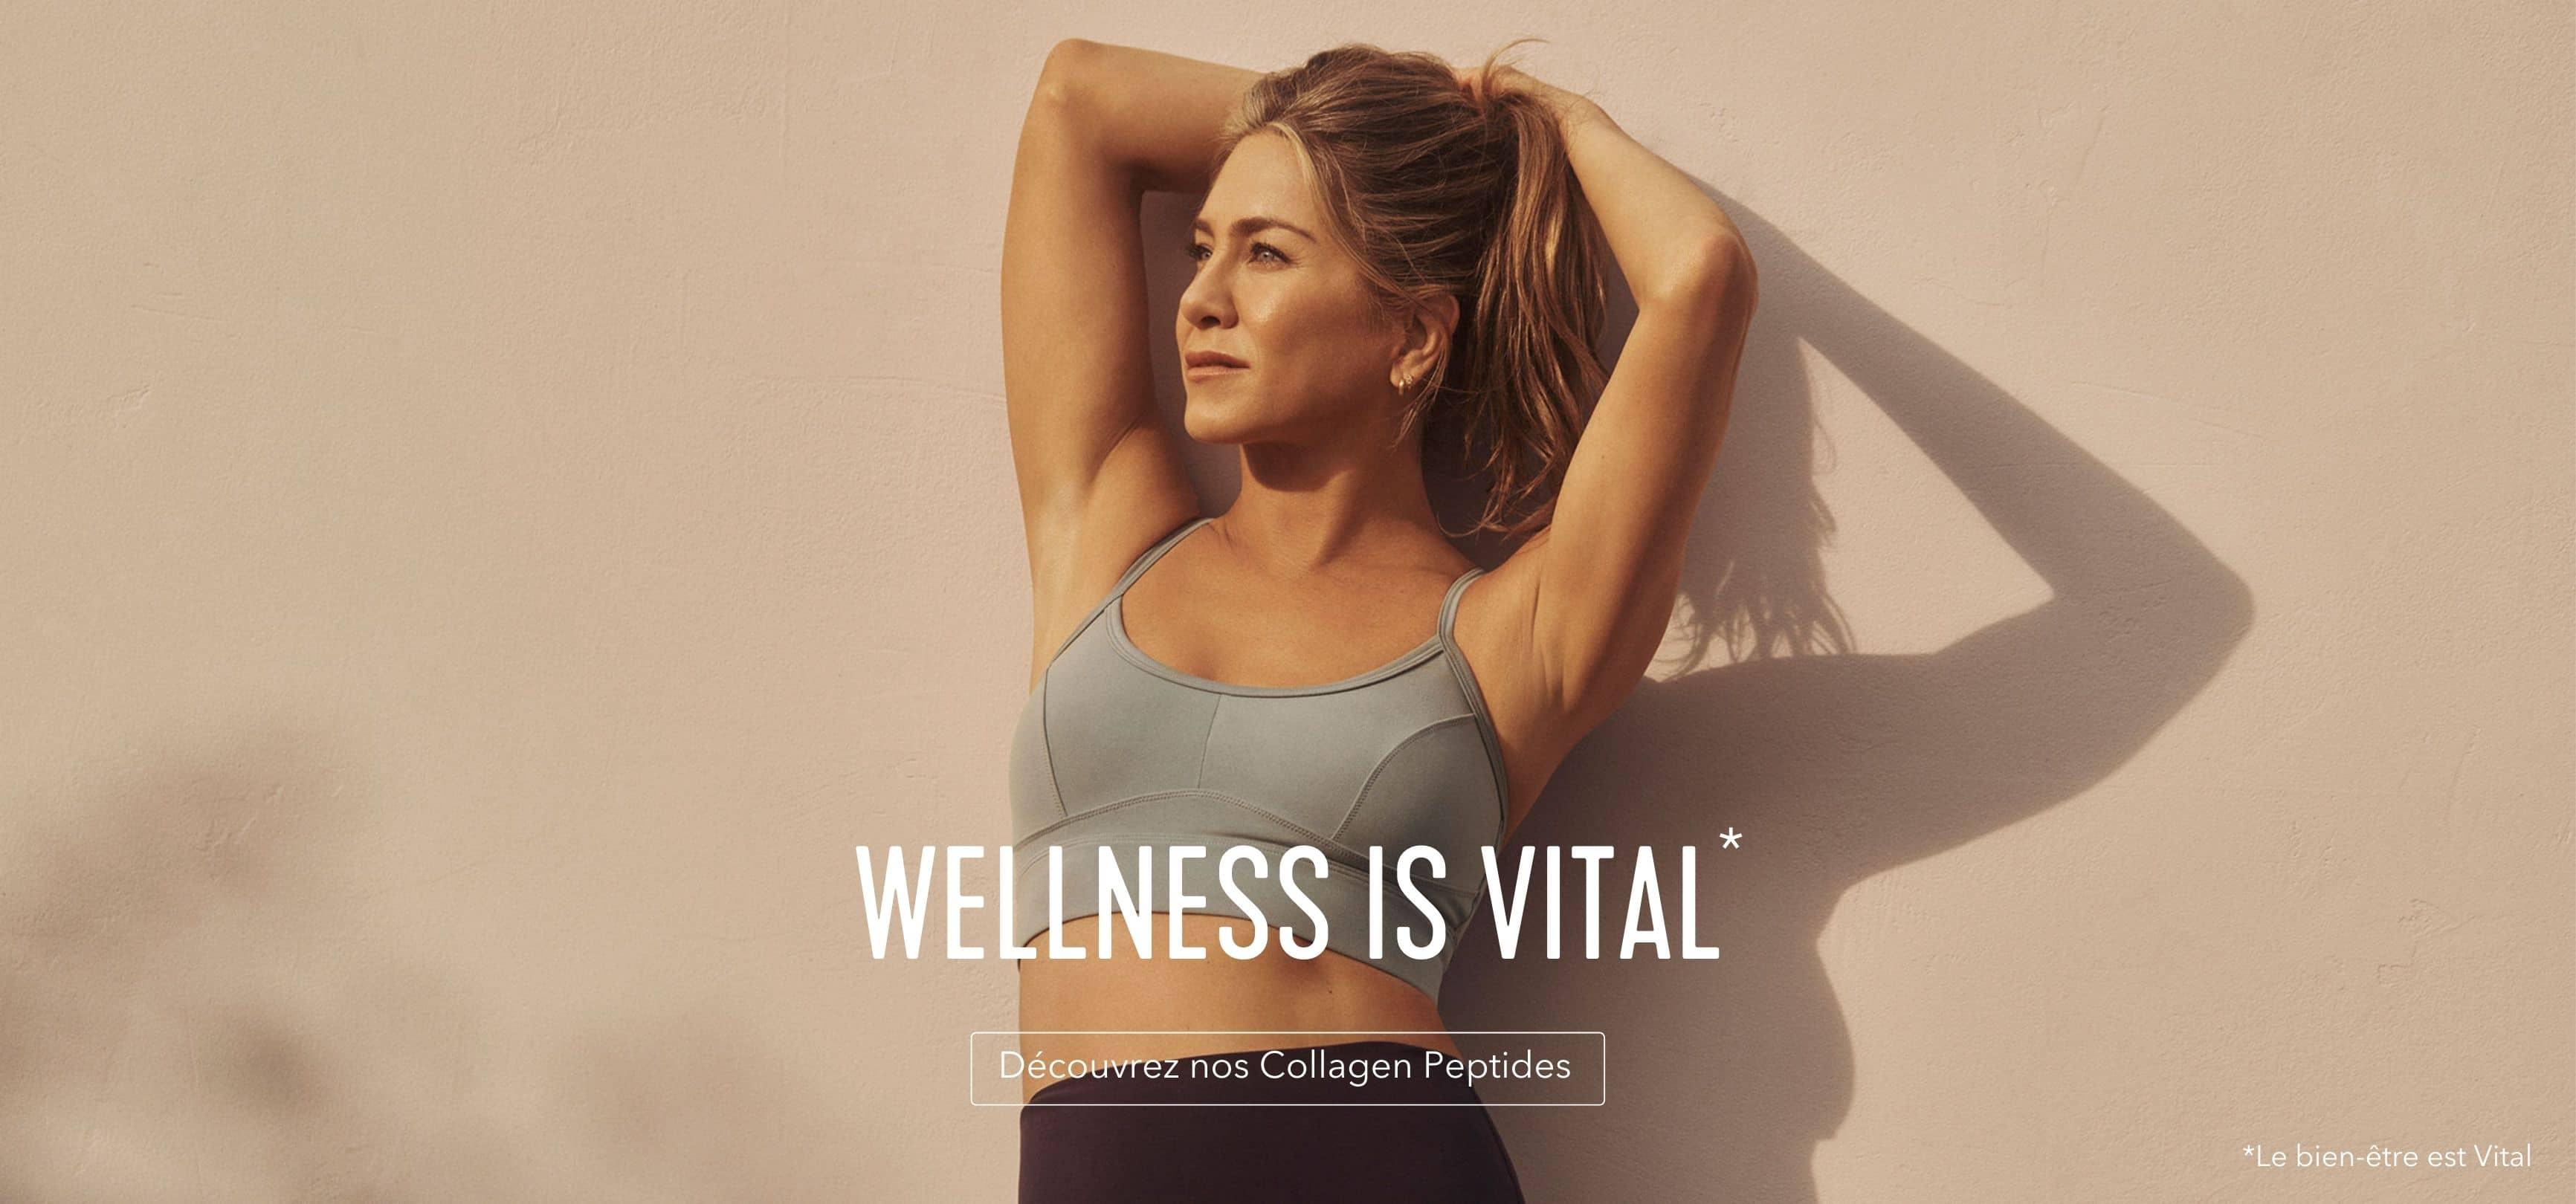 Le bien-être est vital. Découvrez nos Collagen Peptides